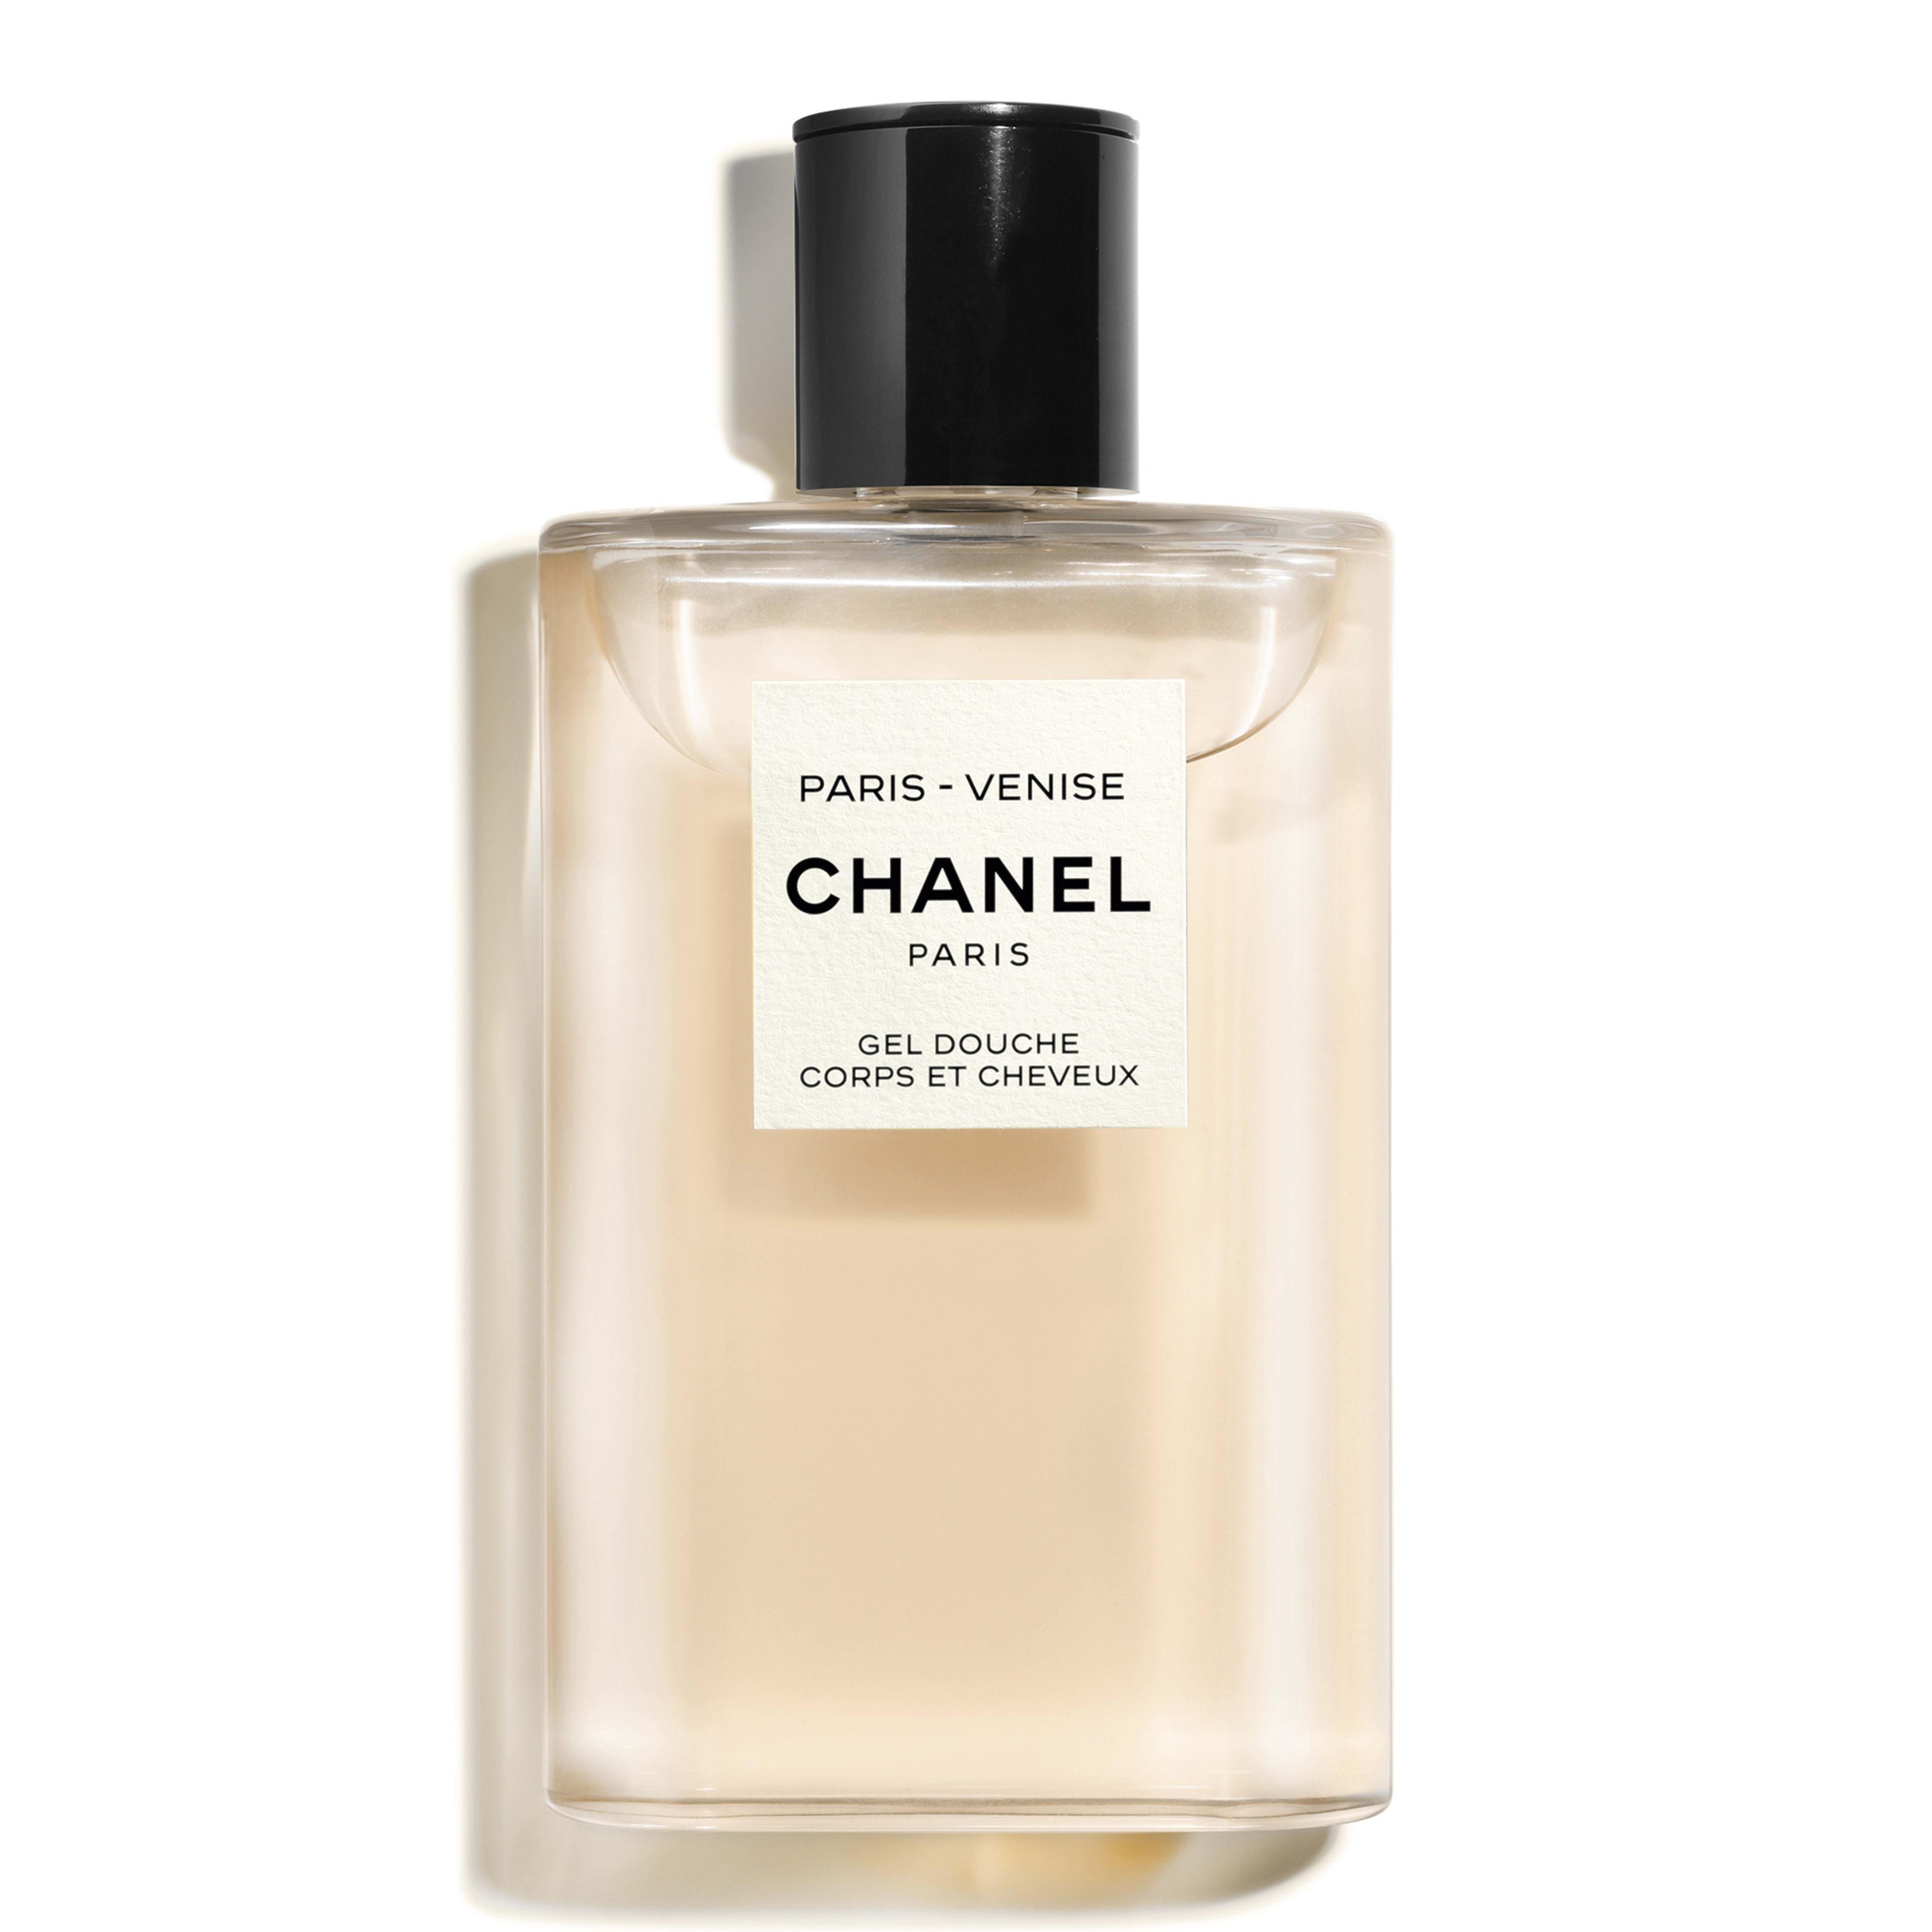 PARIS - VENISE - fragrance - 200ml - Default view